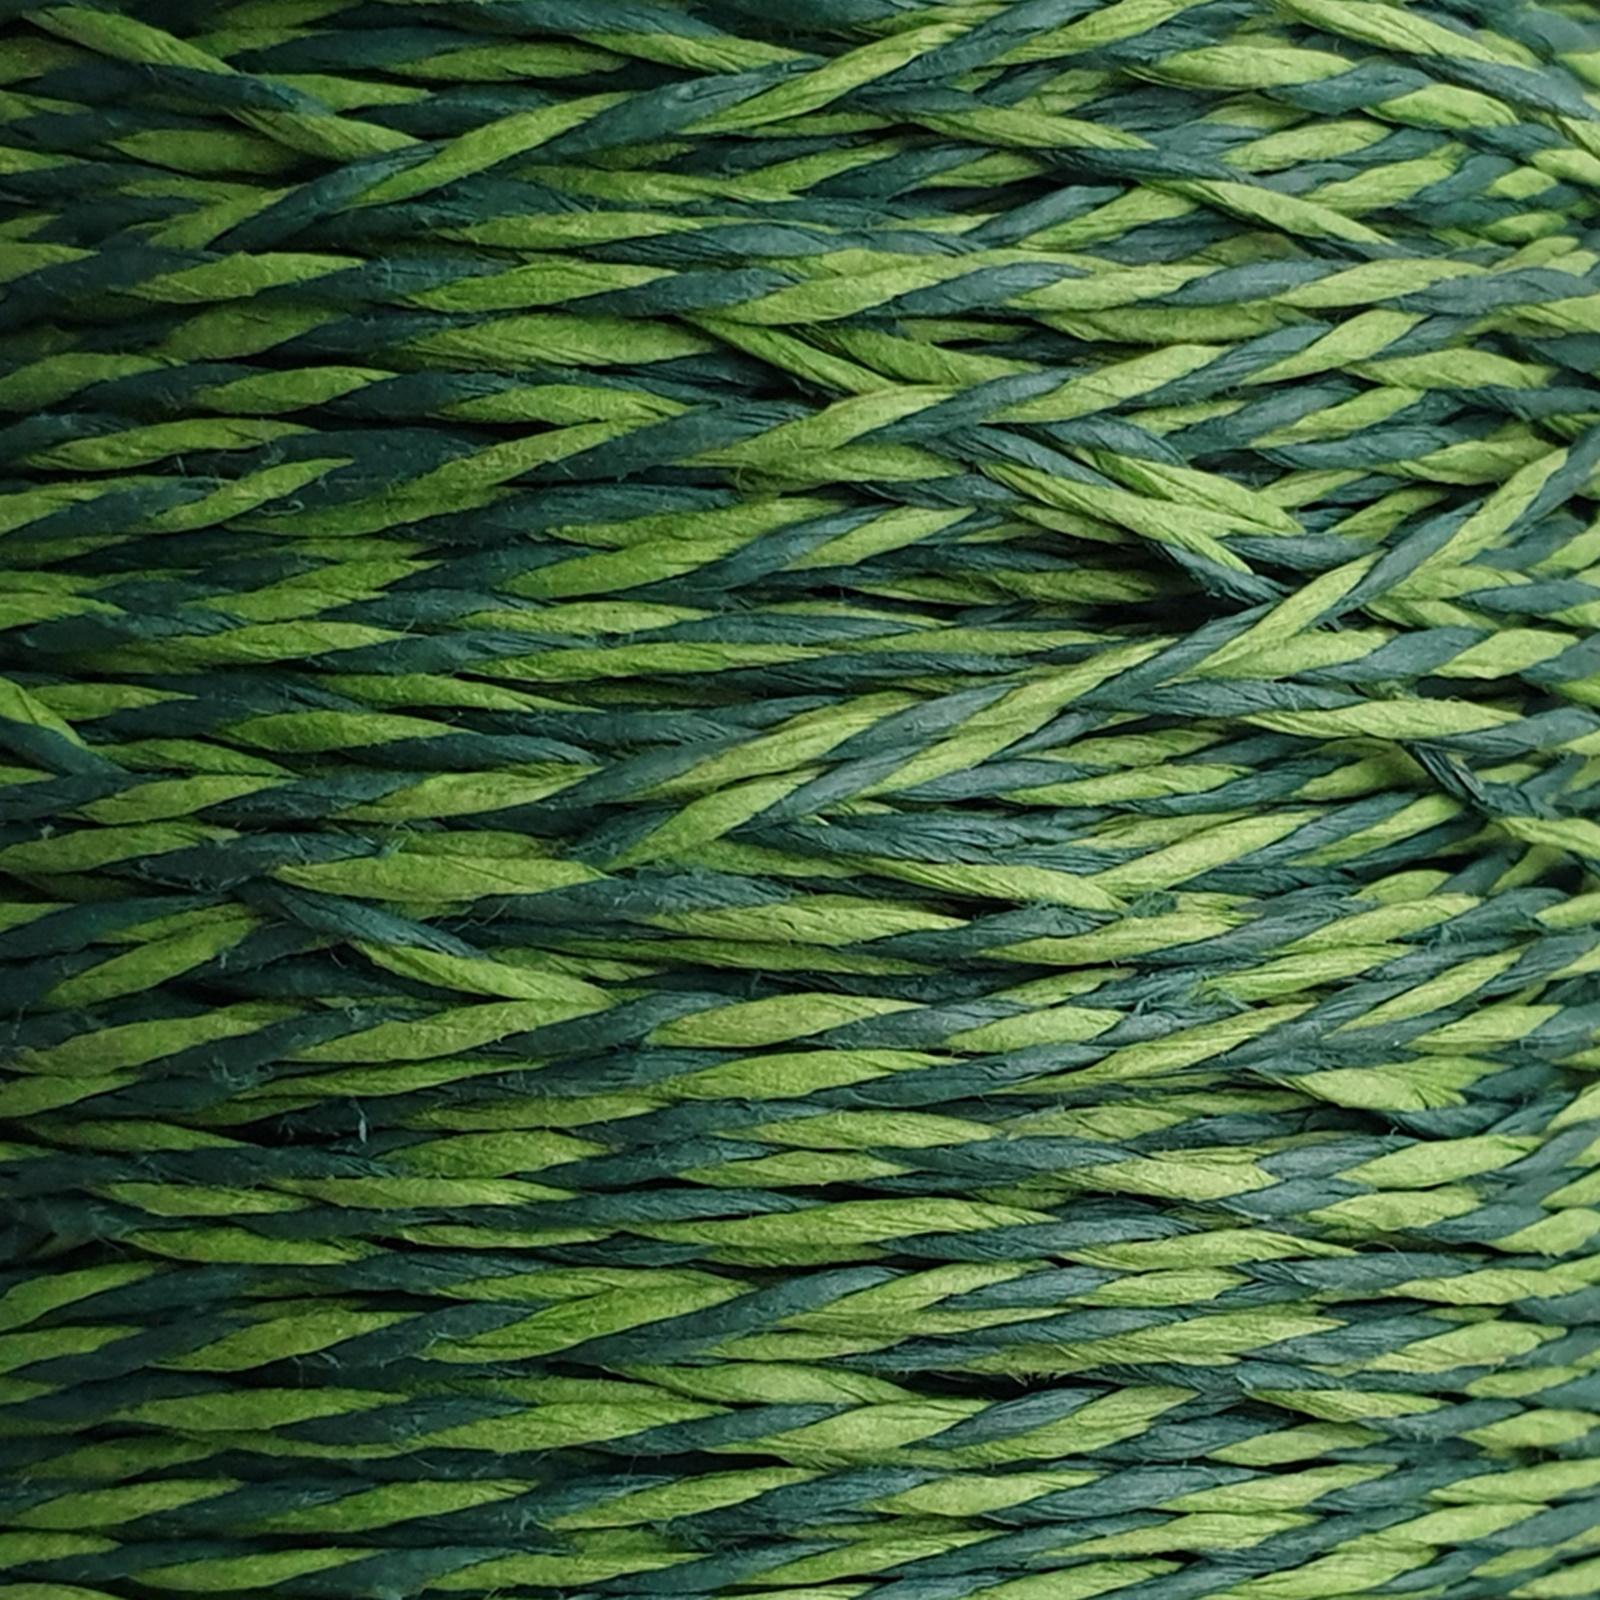 snur verde inchis - deschis